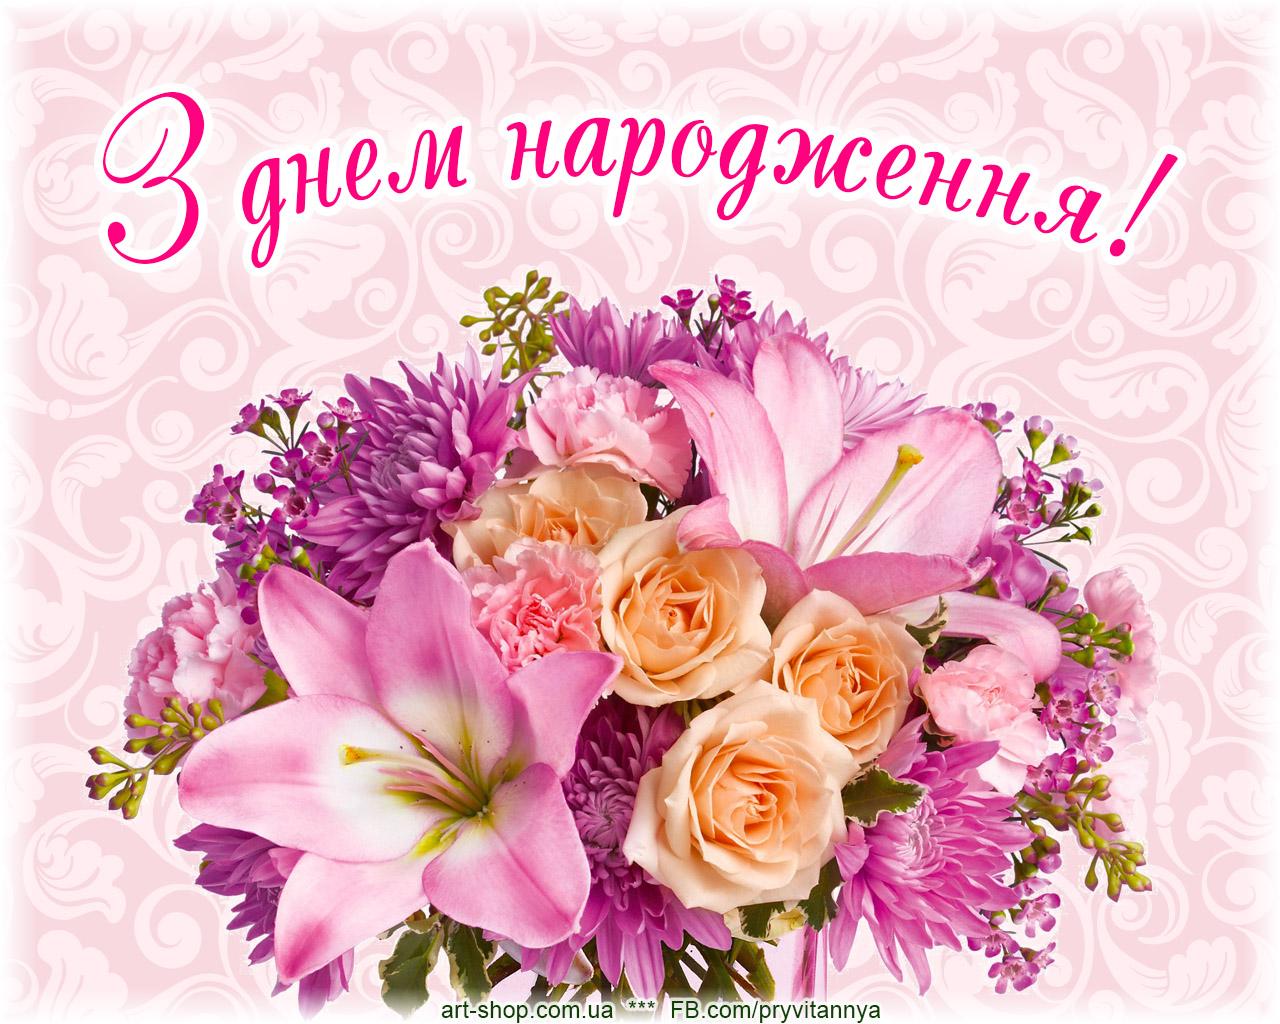 С днем рождения картинки на украинском языке, погодой прикольные открытки